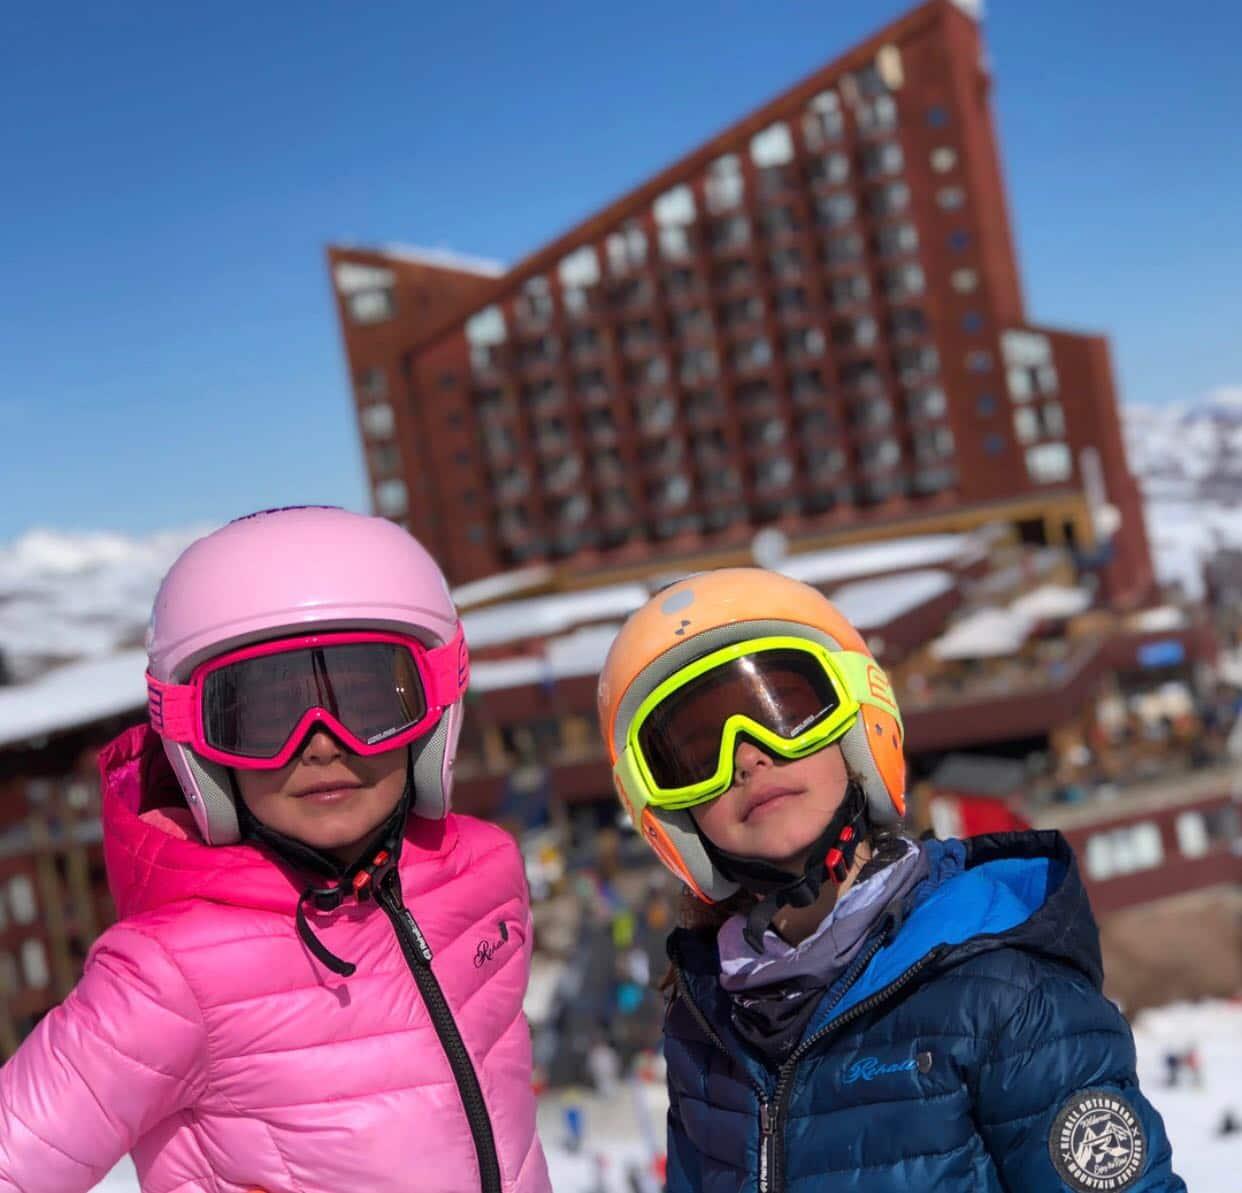 Este fin de semana todos los niños esquían gratis en Valle Nevado